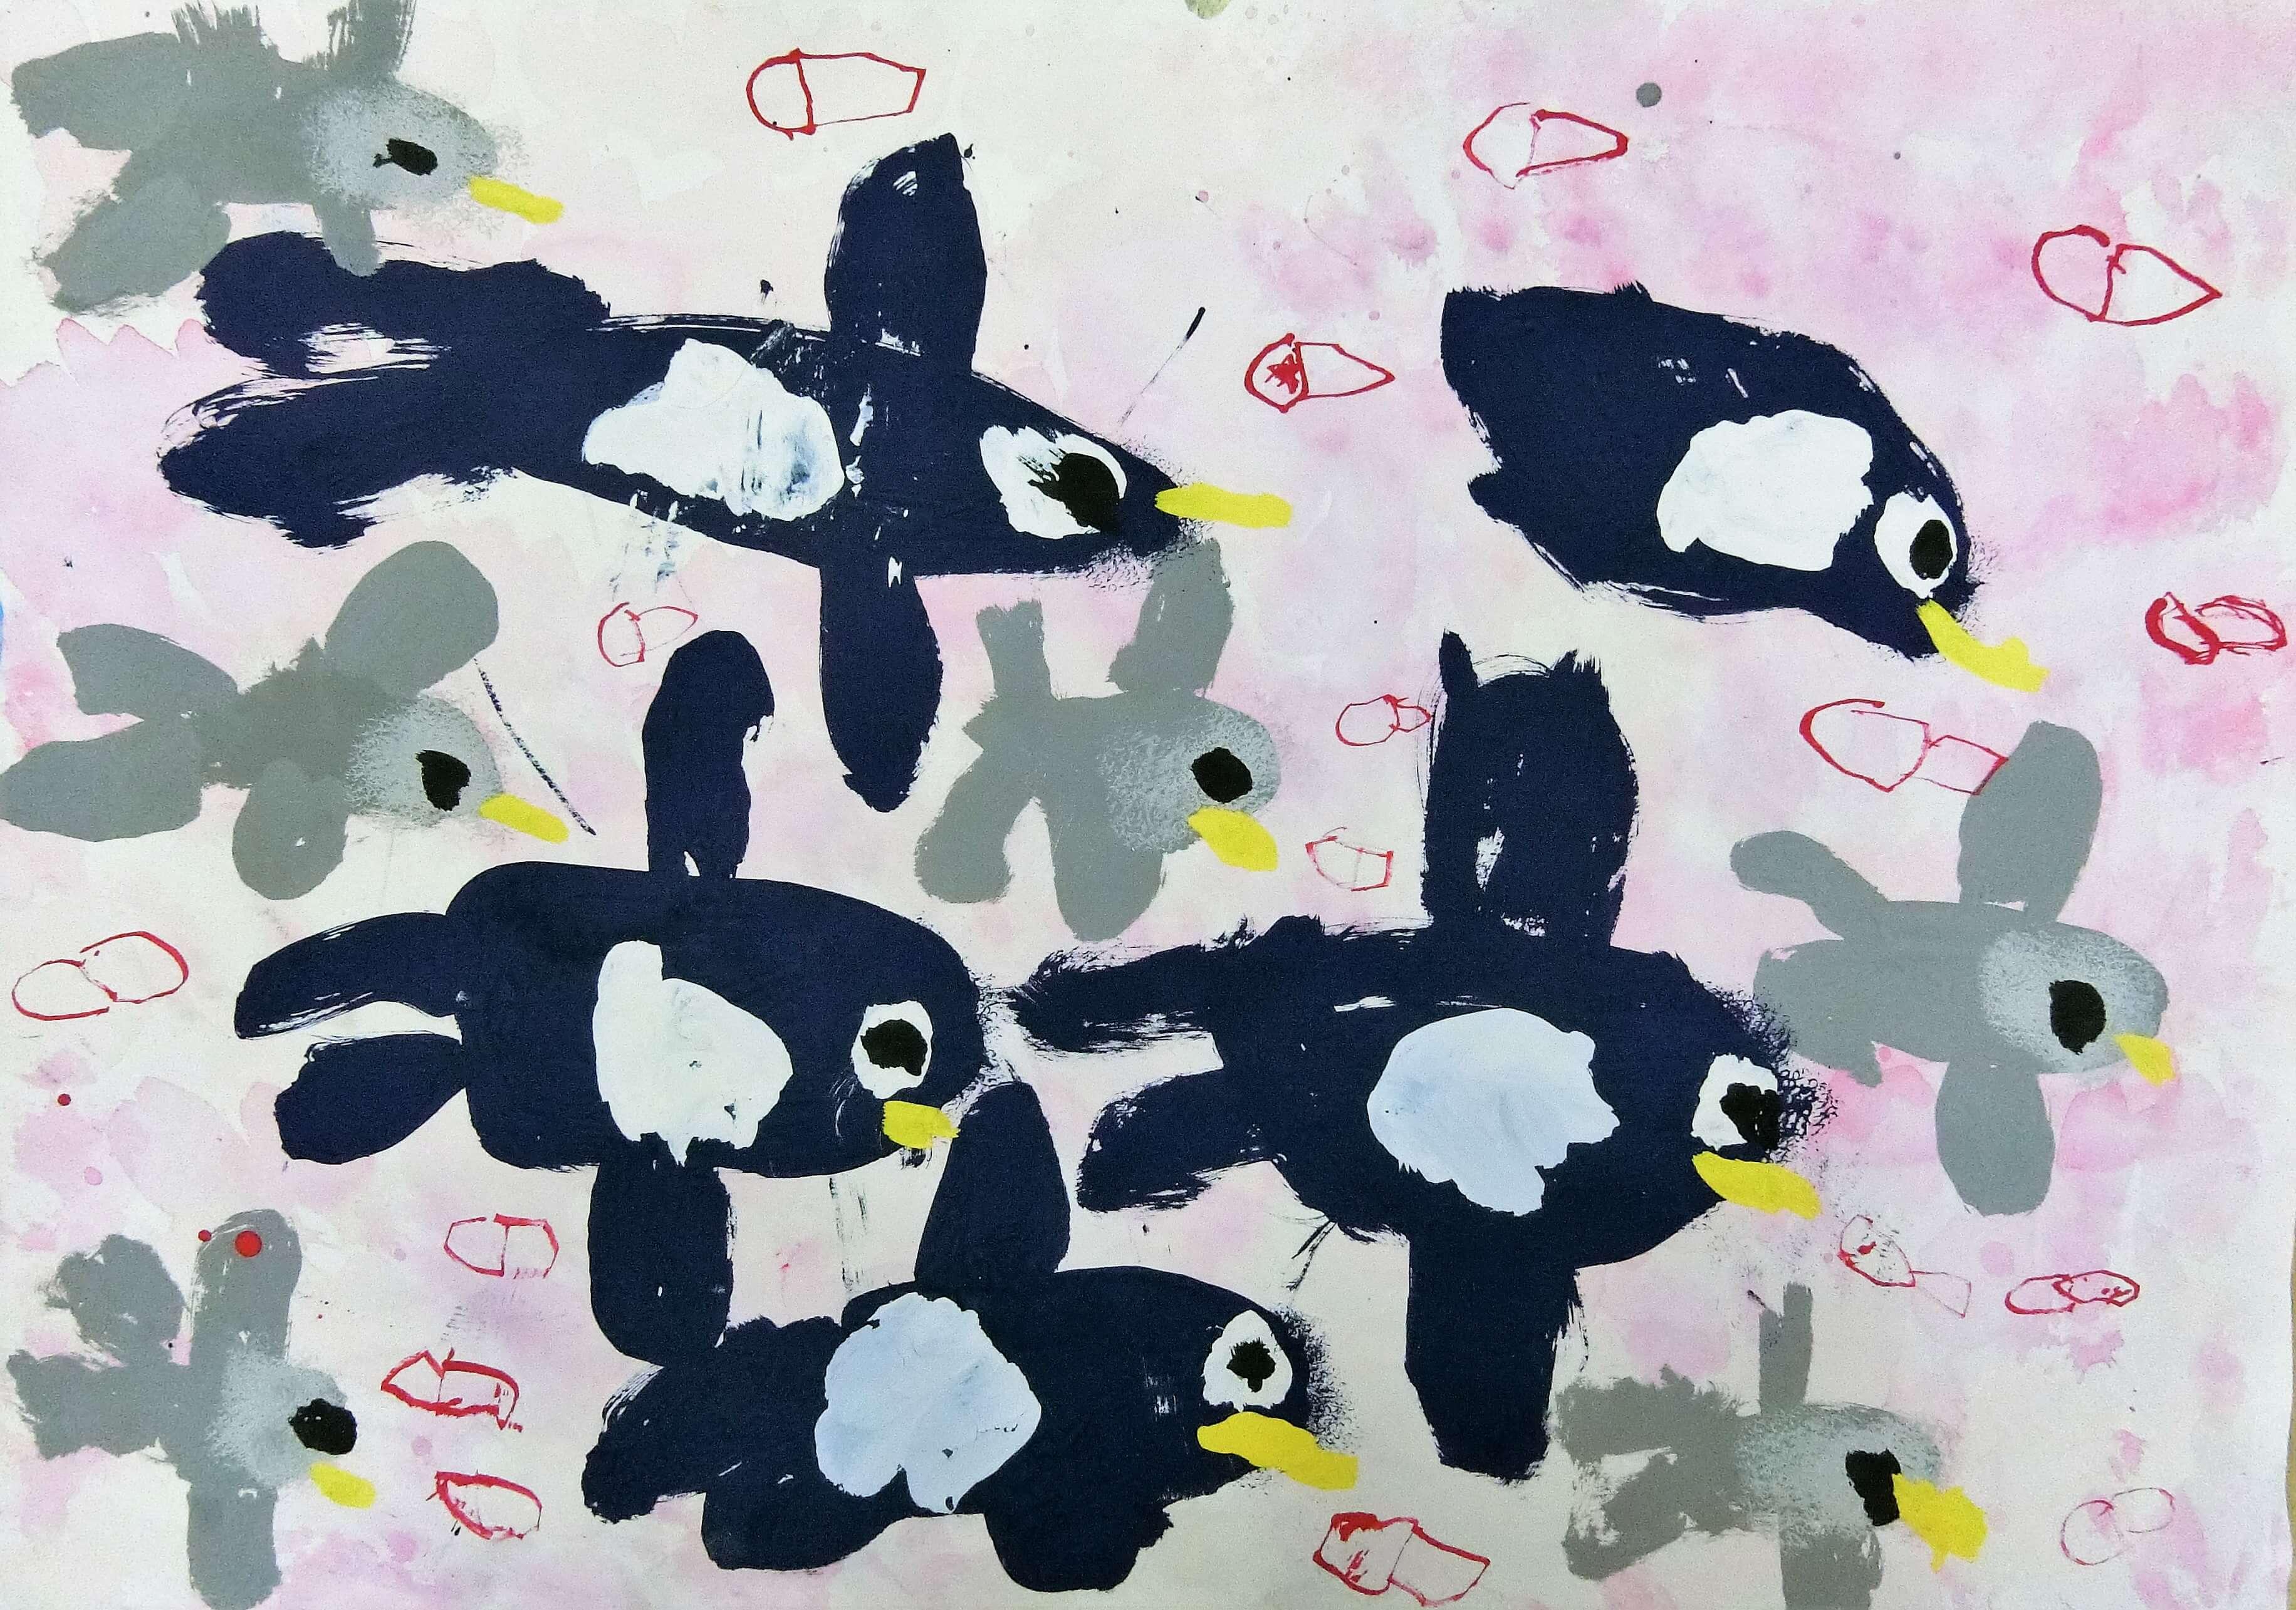 みんな大好きペンギン